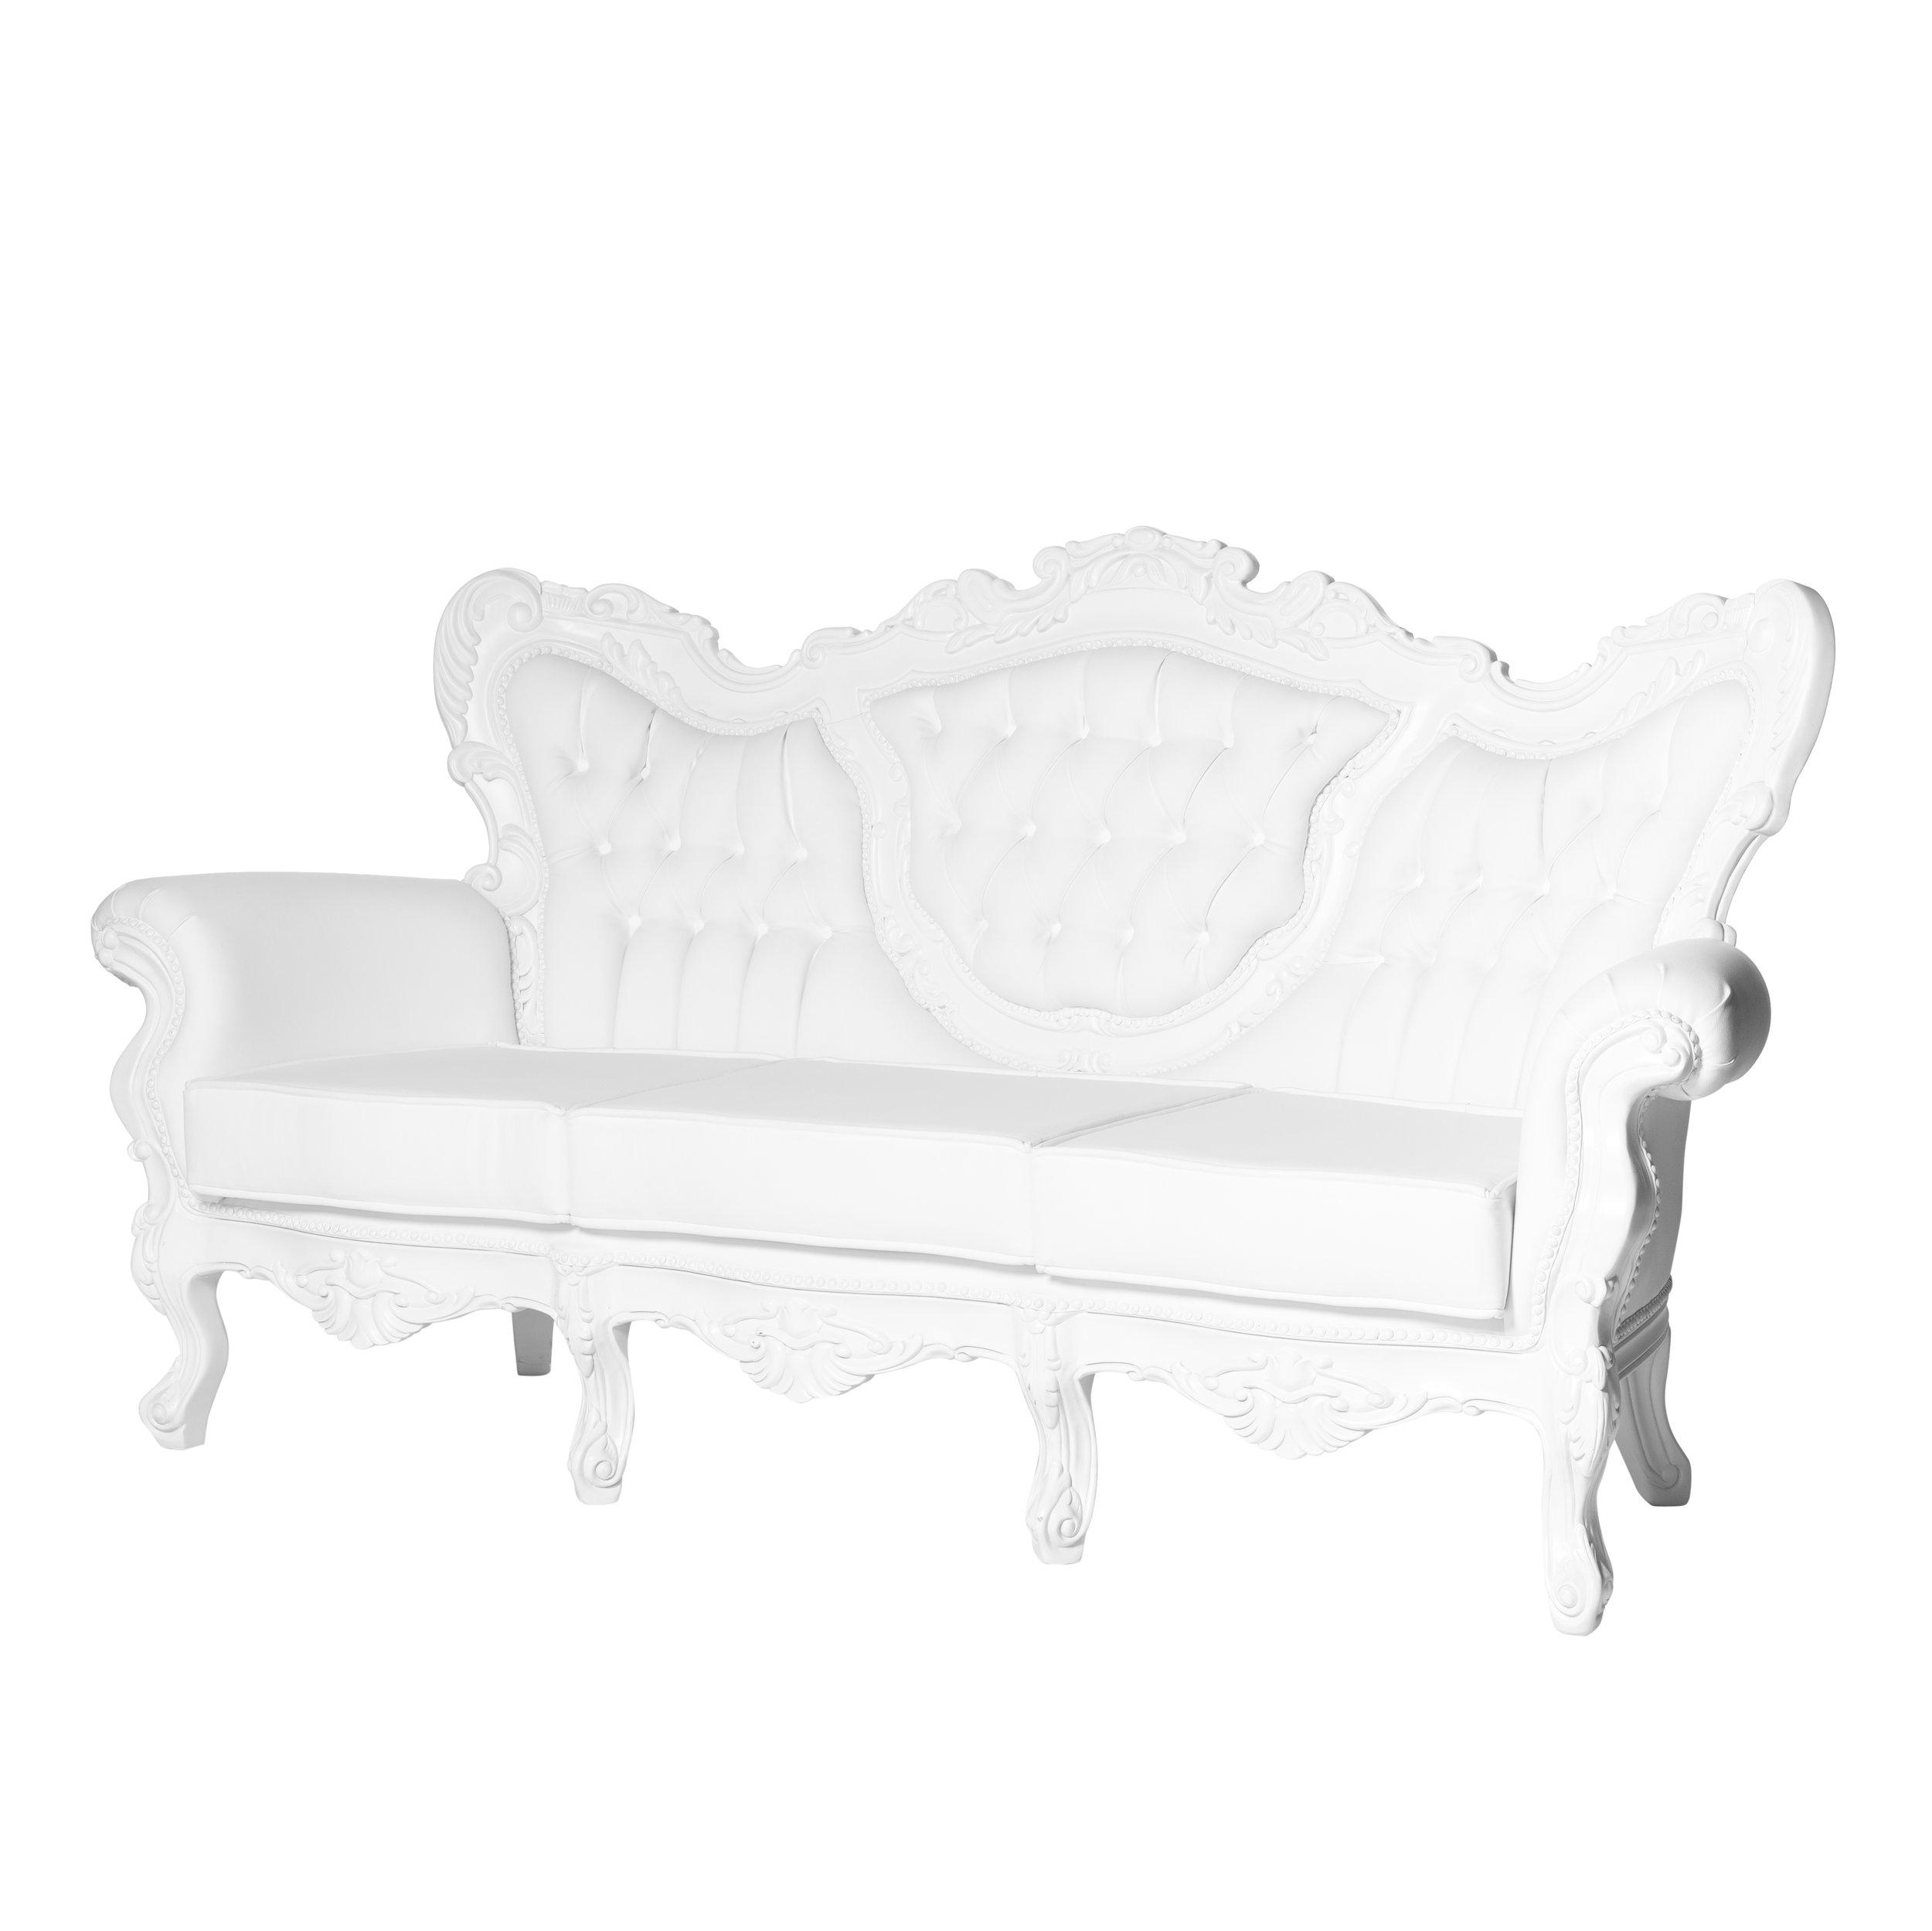 Wentworth Sofa - $500 | QTY: 1